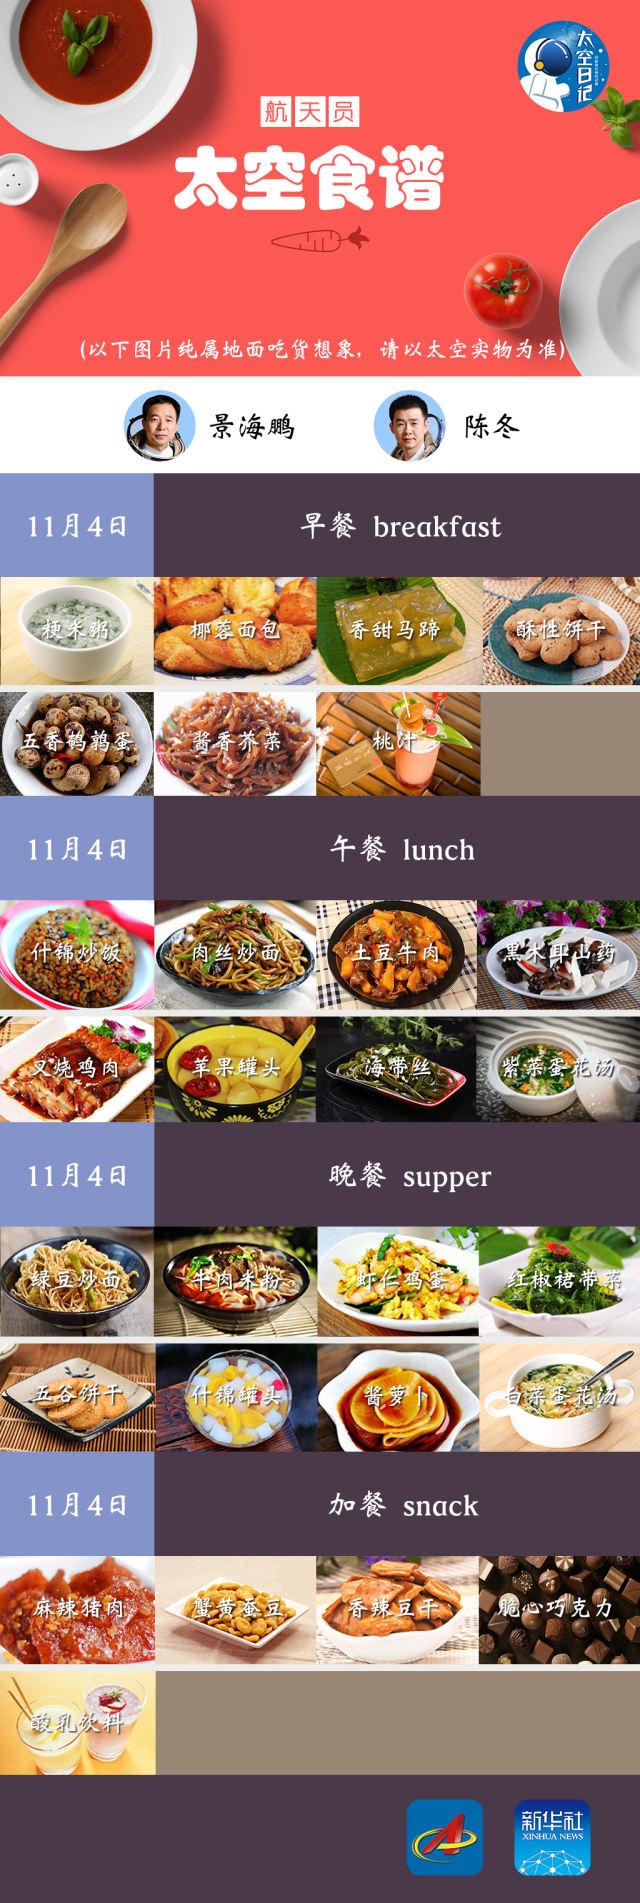 不同飞行阶段,吃的东西也不同。刚入轨时,我们就会吃清淡些,这样更容易消化。目前在组合体飞行阶段,我们的食谱是五天一循环,包括主食、副食、即食、饮品、调味品、功能食品等6大类近100种食品。